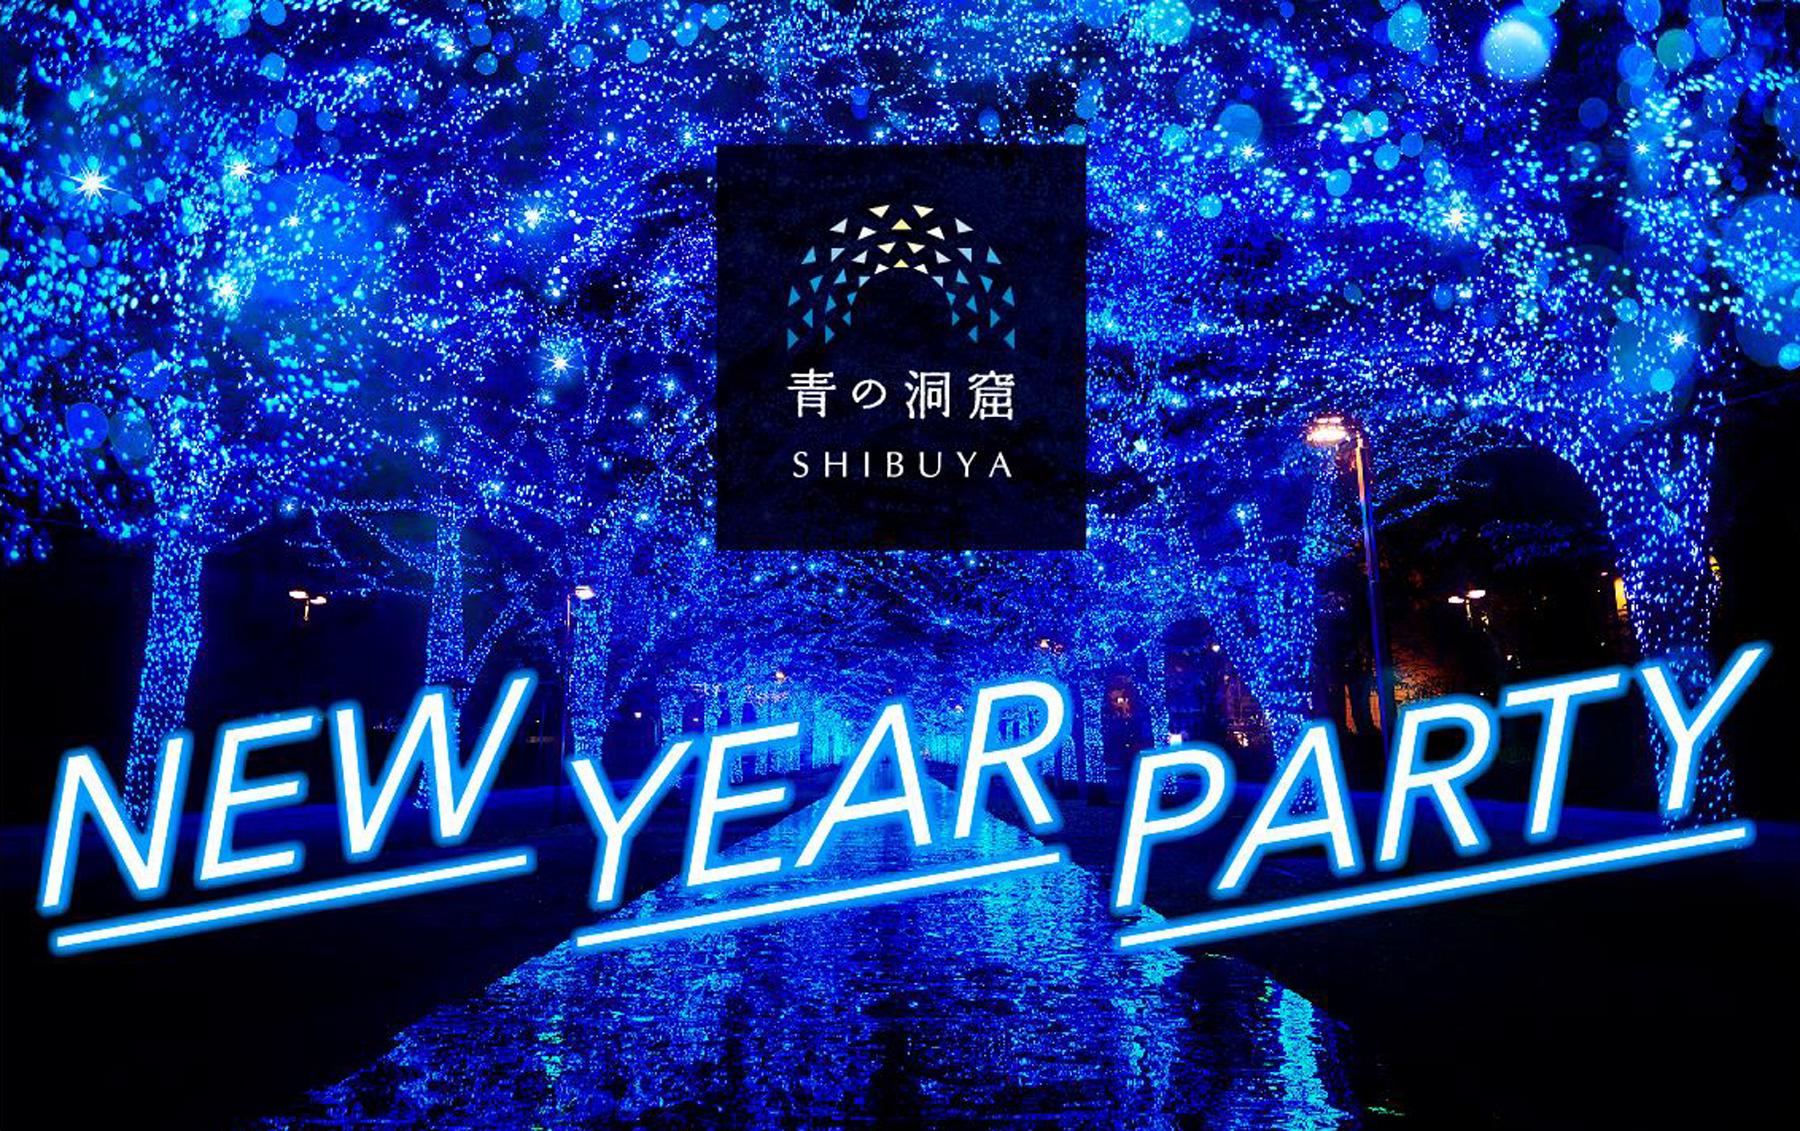 参加無料!青の洞窟 SHIBUYA NEW YEAR PARTY #青の洞窟